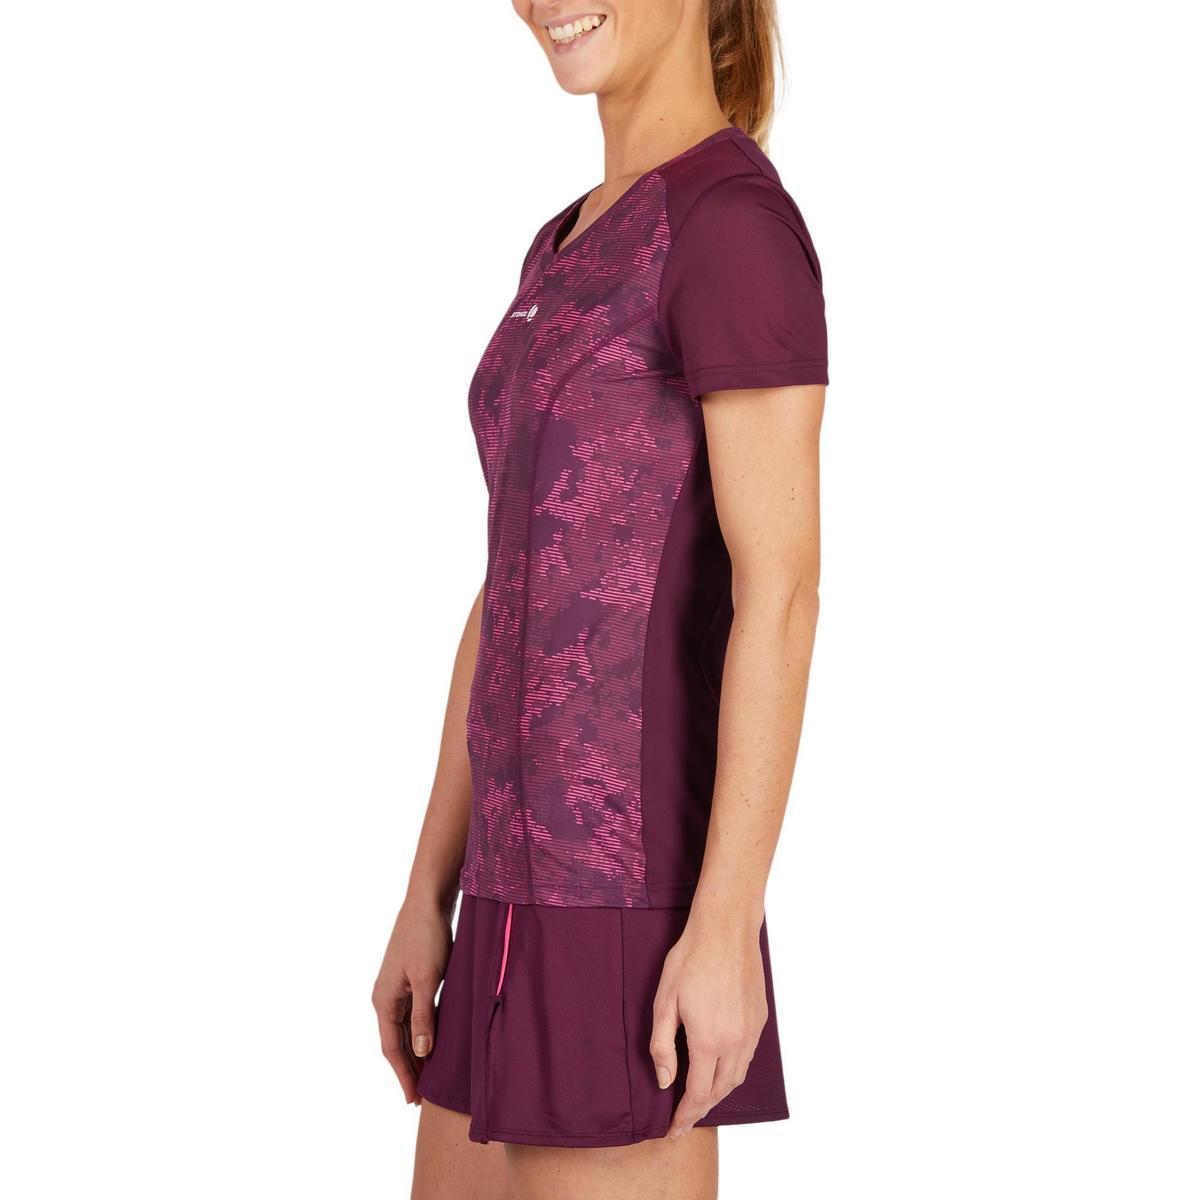 Bild 4 von T-Shirt Soft 500 Tennisshirt Damen bordeaux